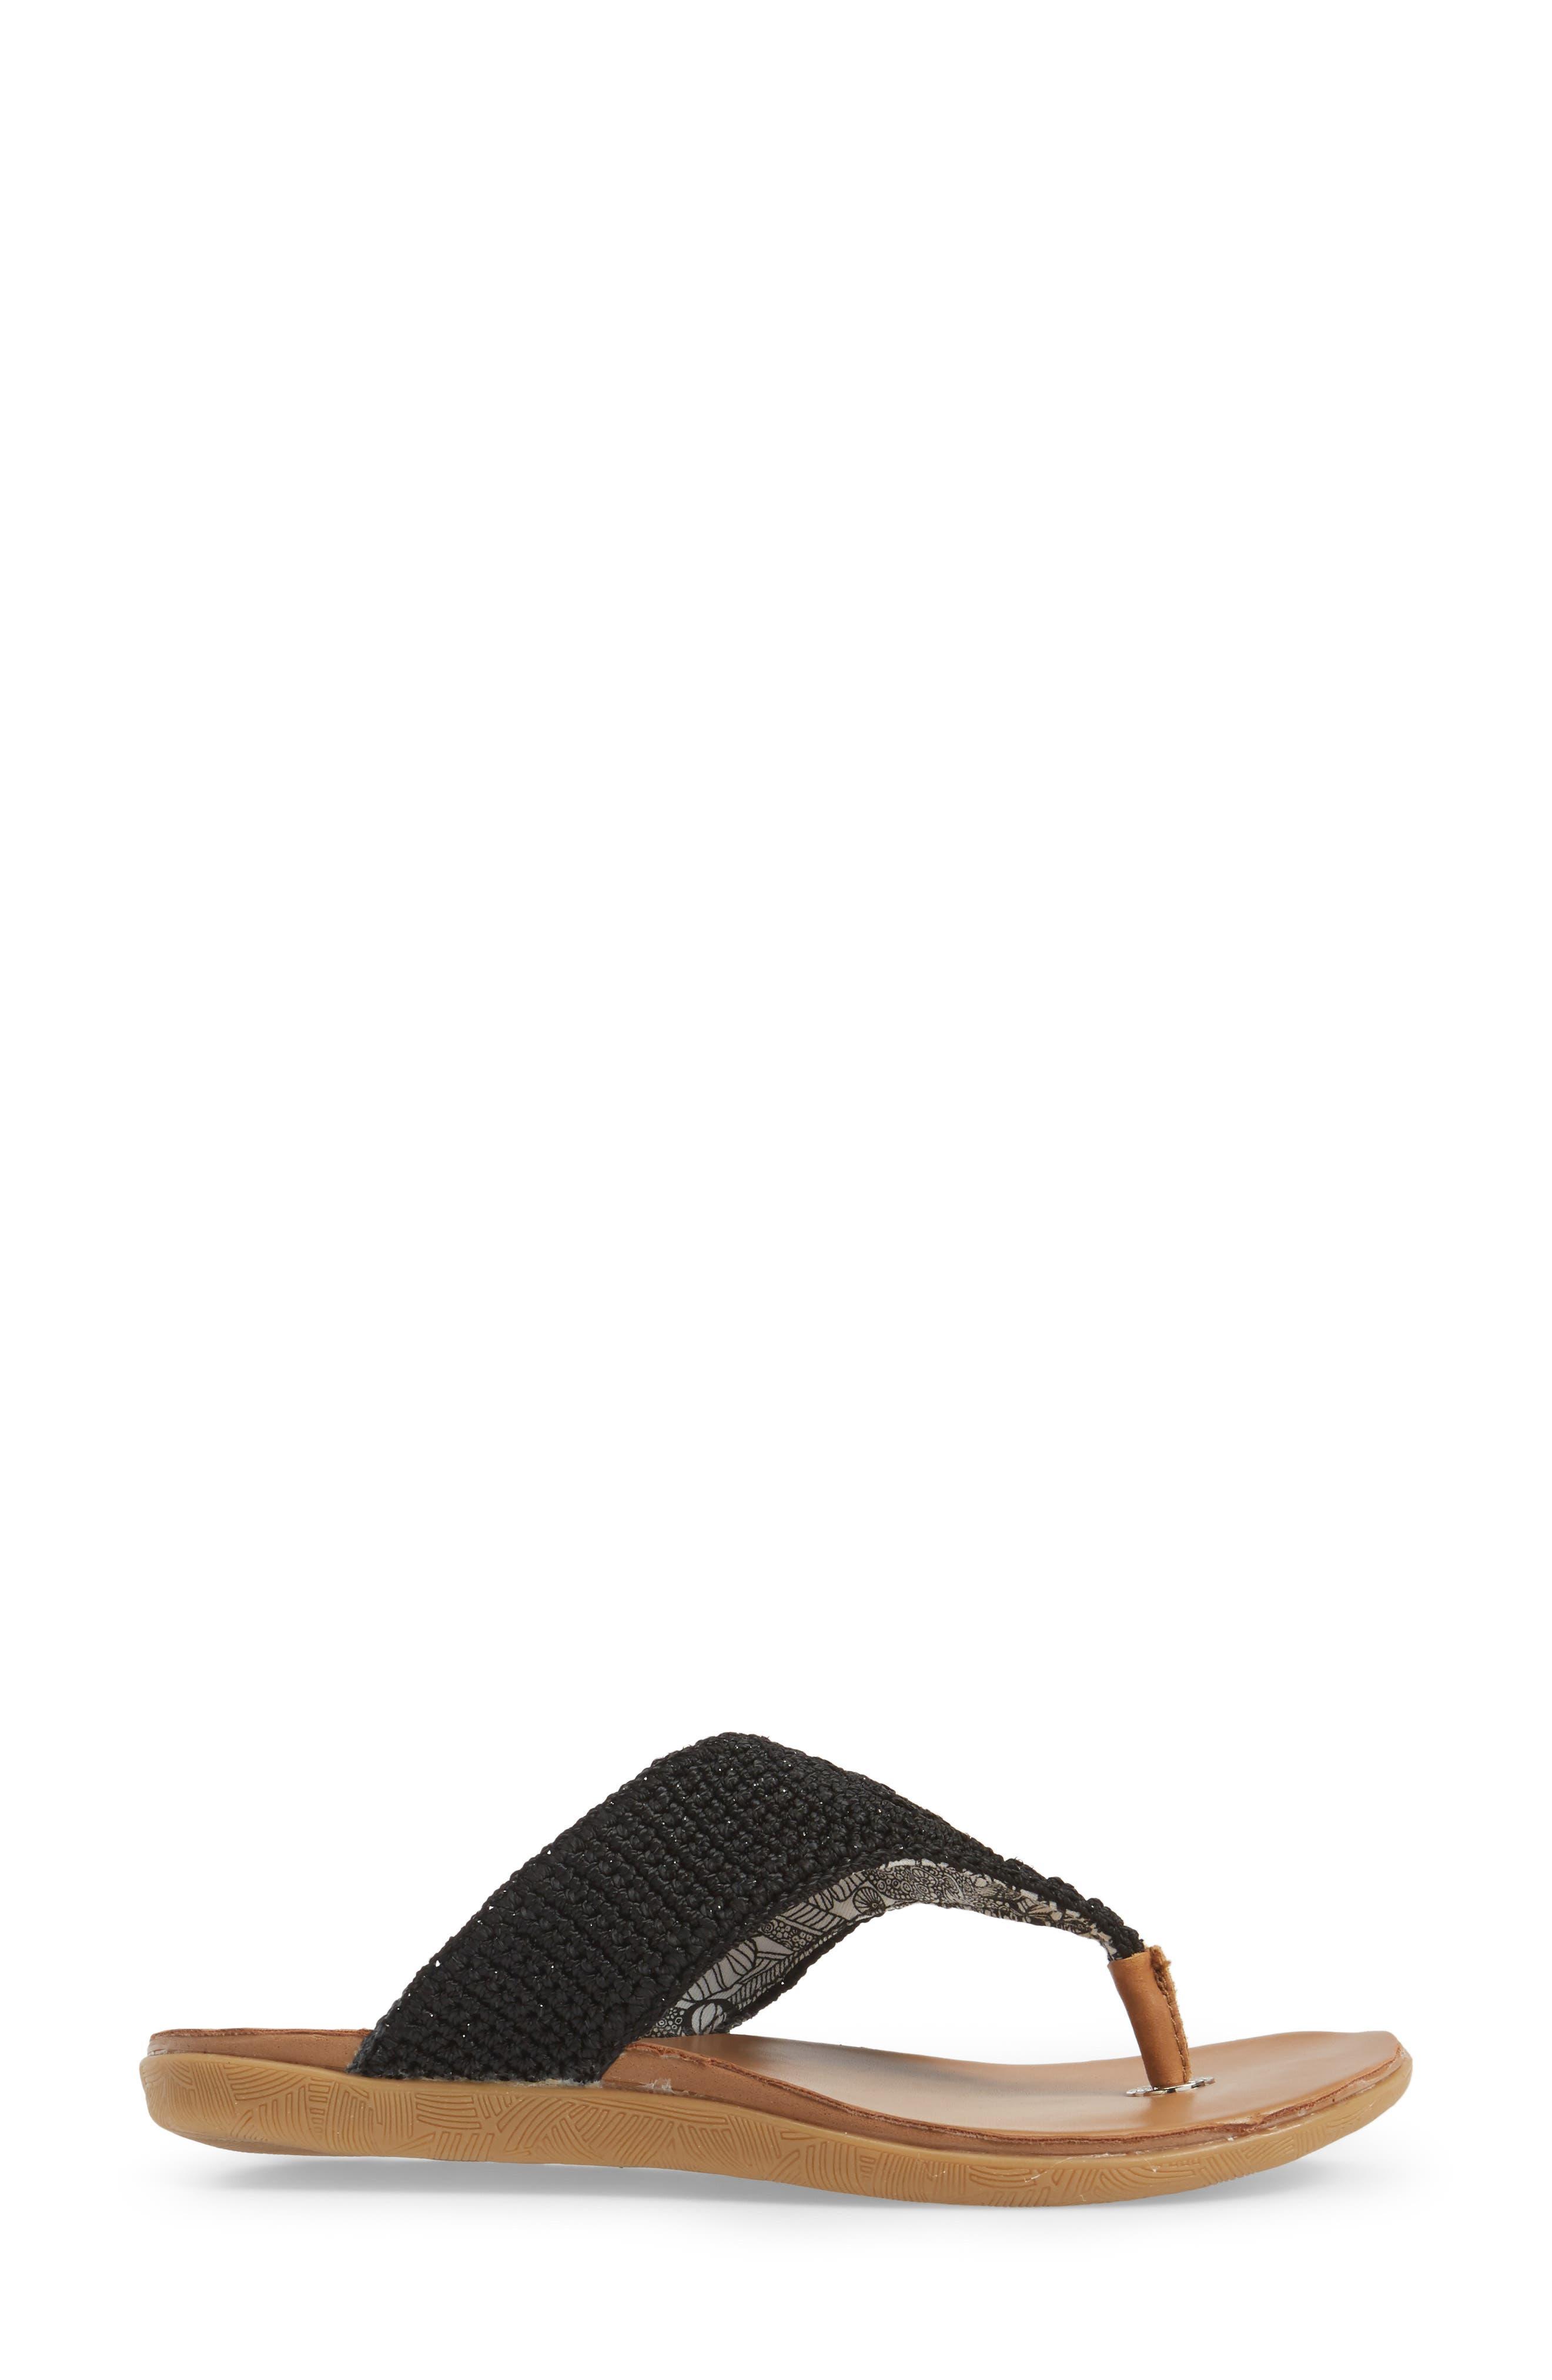 Sarria Flip Flop,                             Alternate thumbnail 3, color,                             BLACK SPARKLE FABRIC